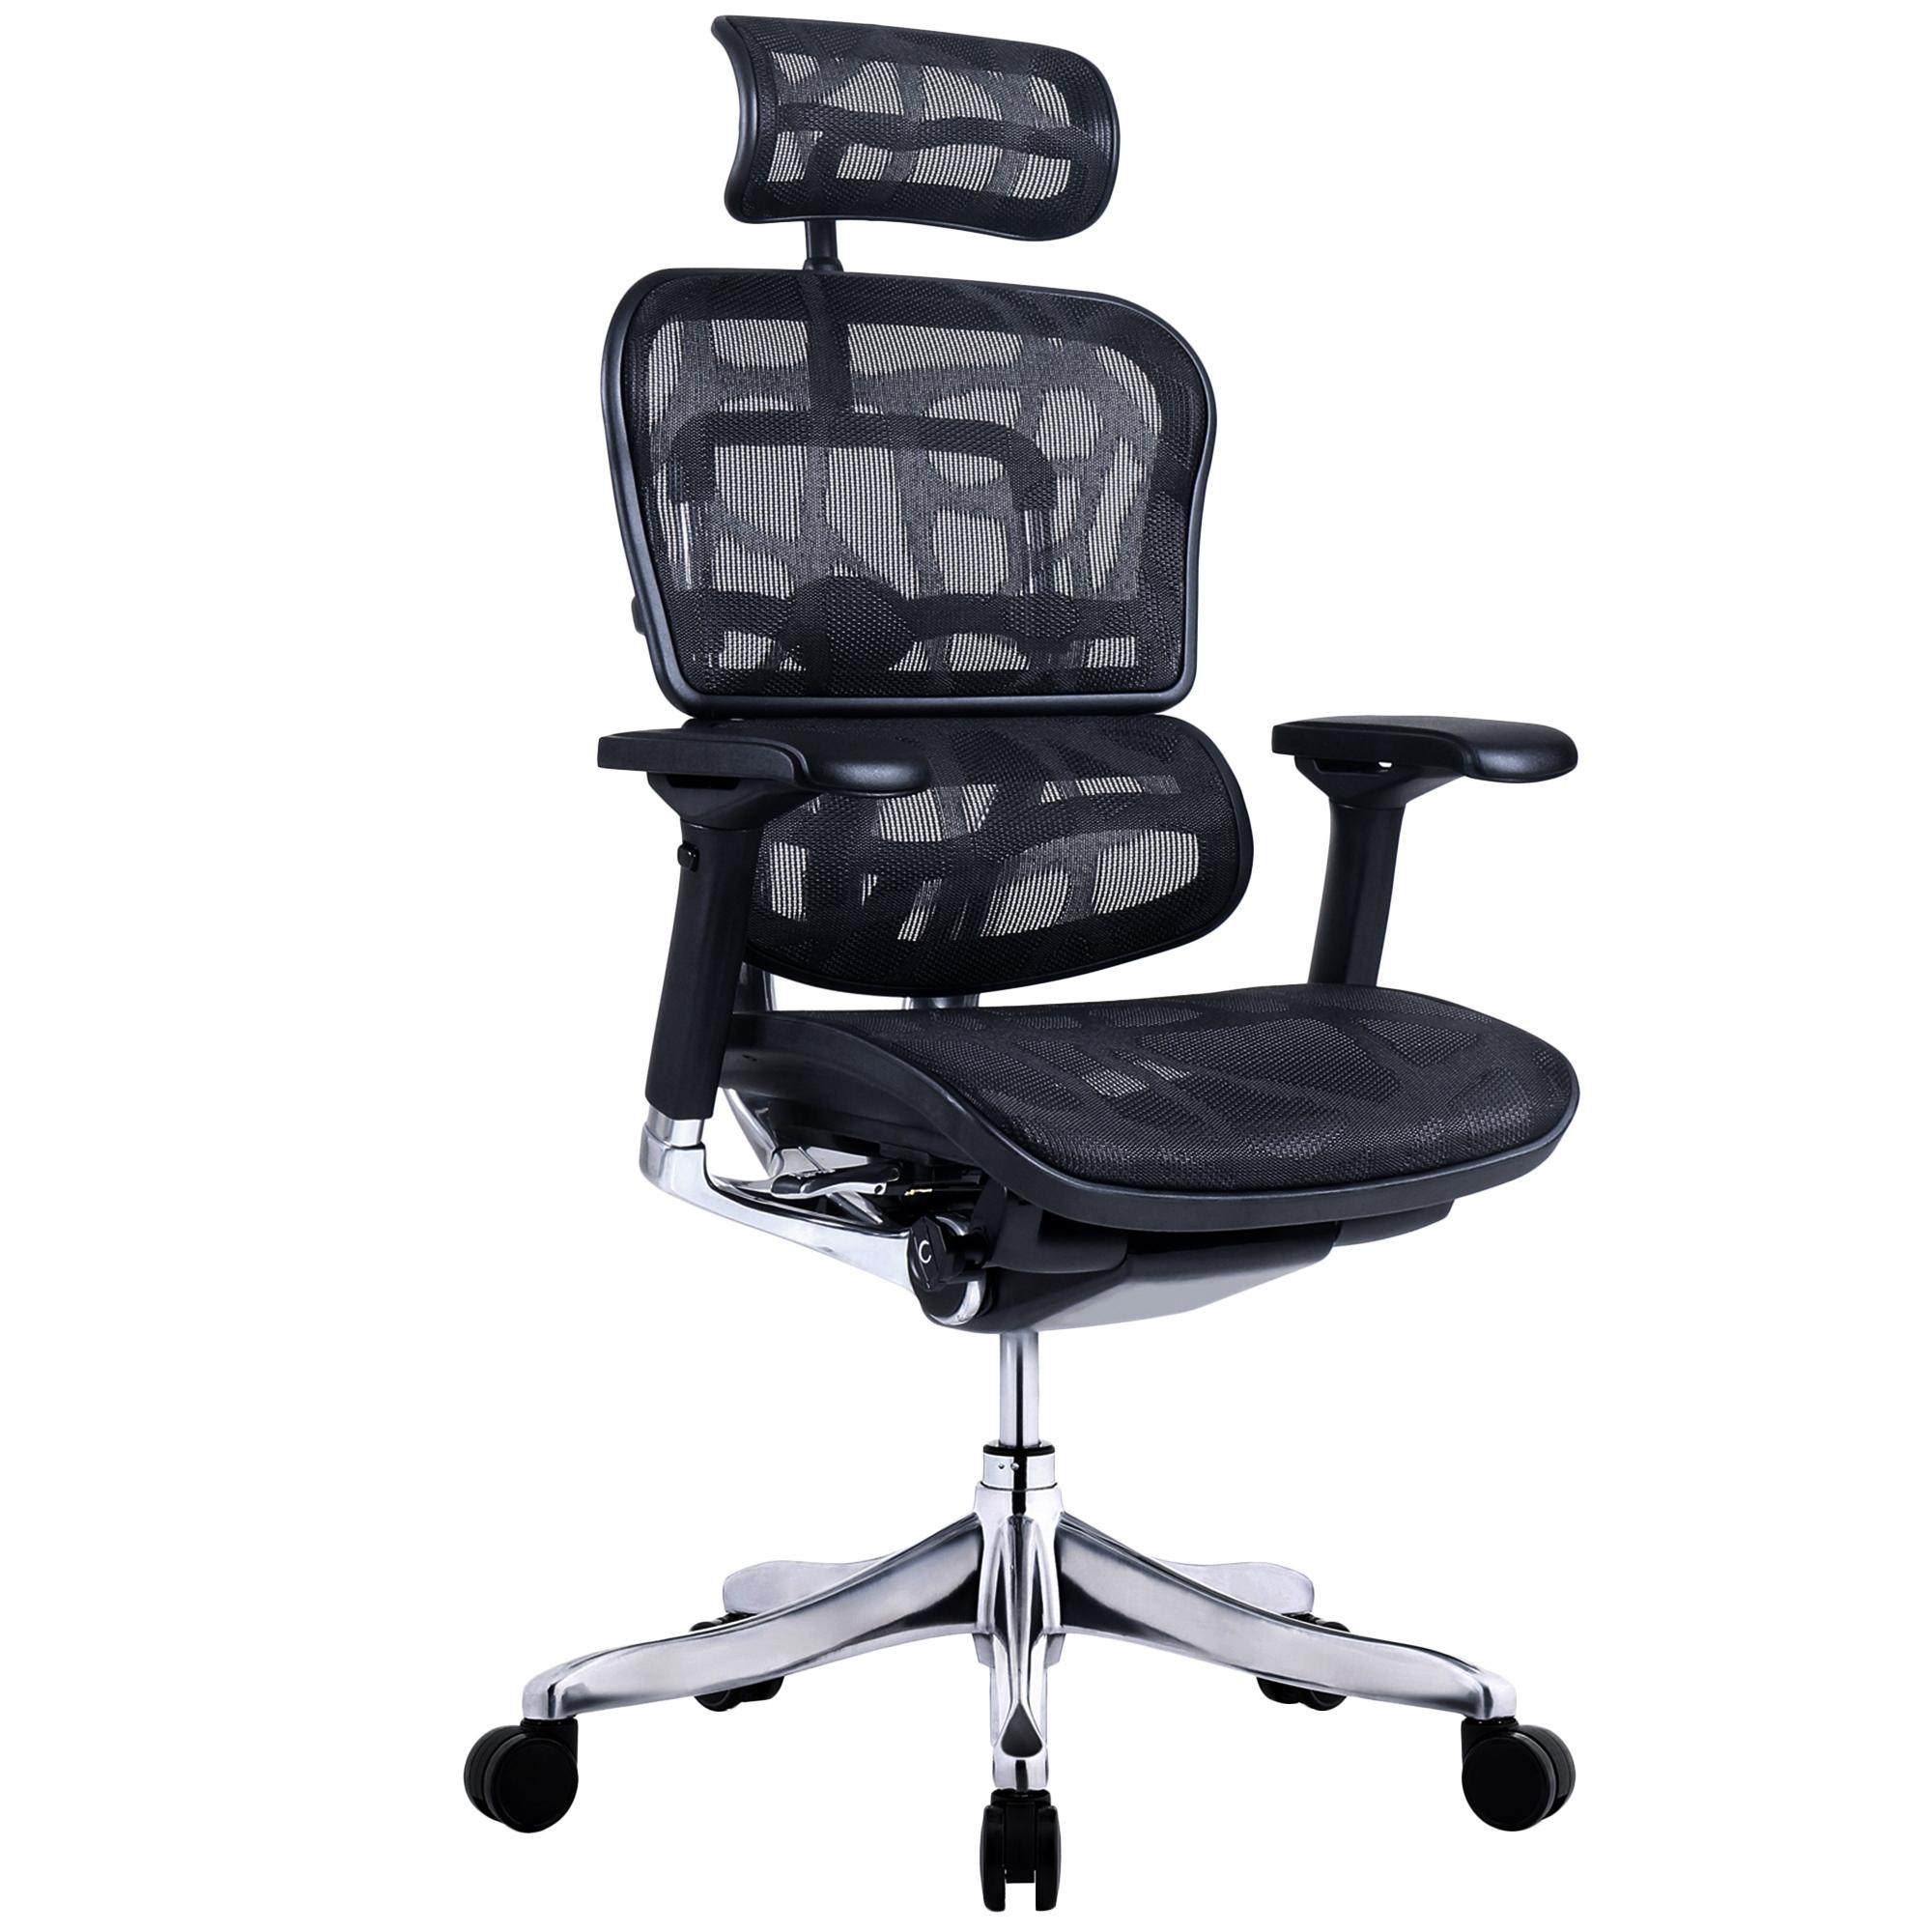 Ergohuman Plus Elite V2 Mesh Office Chair